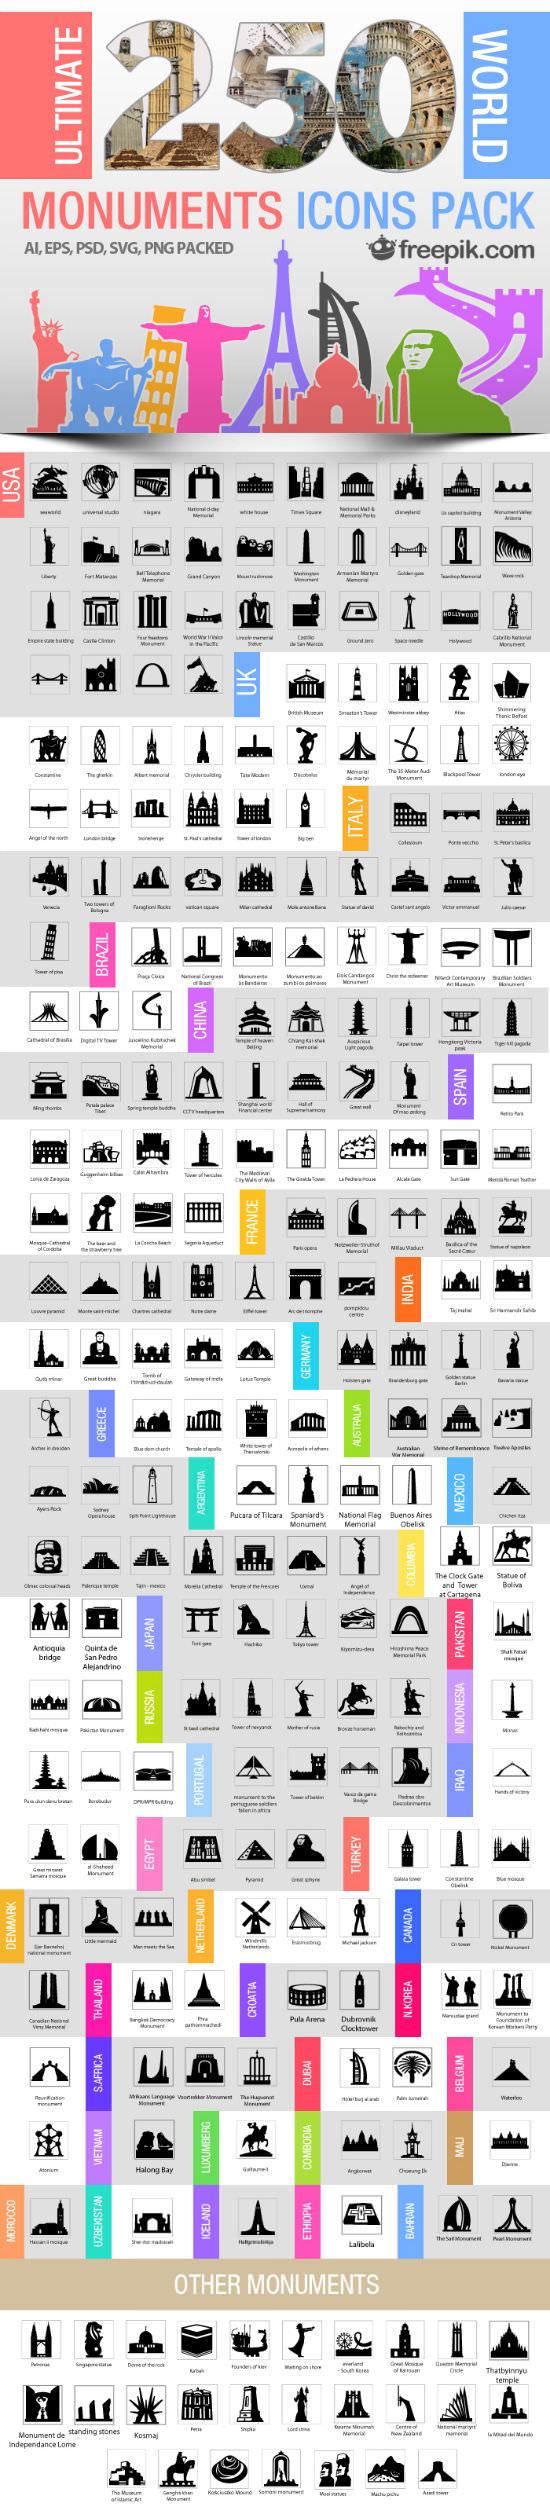 各国象徴のアイコンパック250個